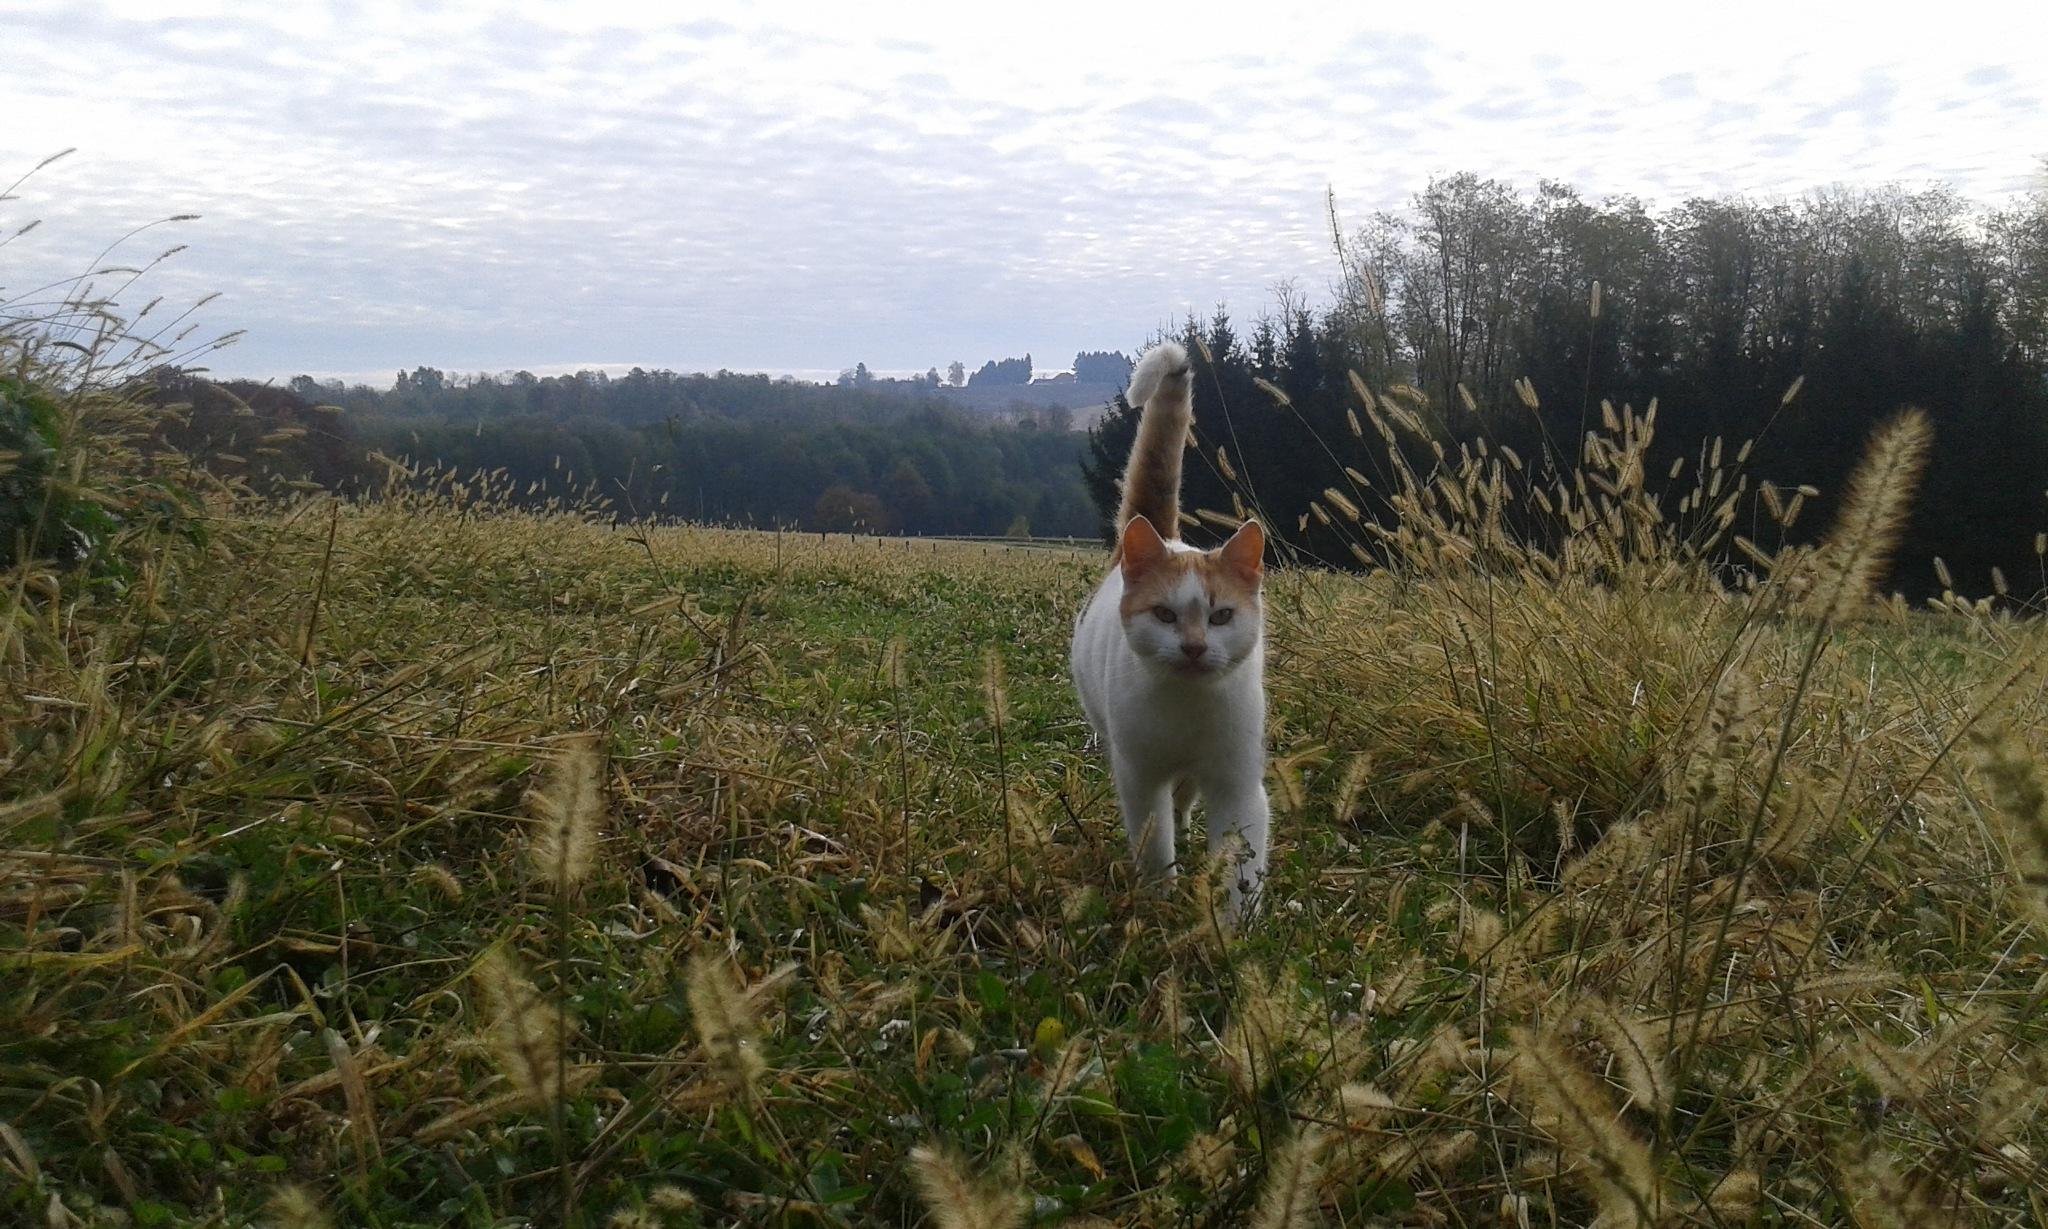 Mačak u krupnom planu by Mary13